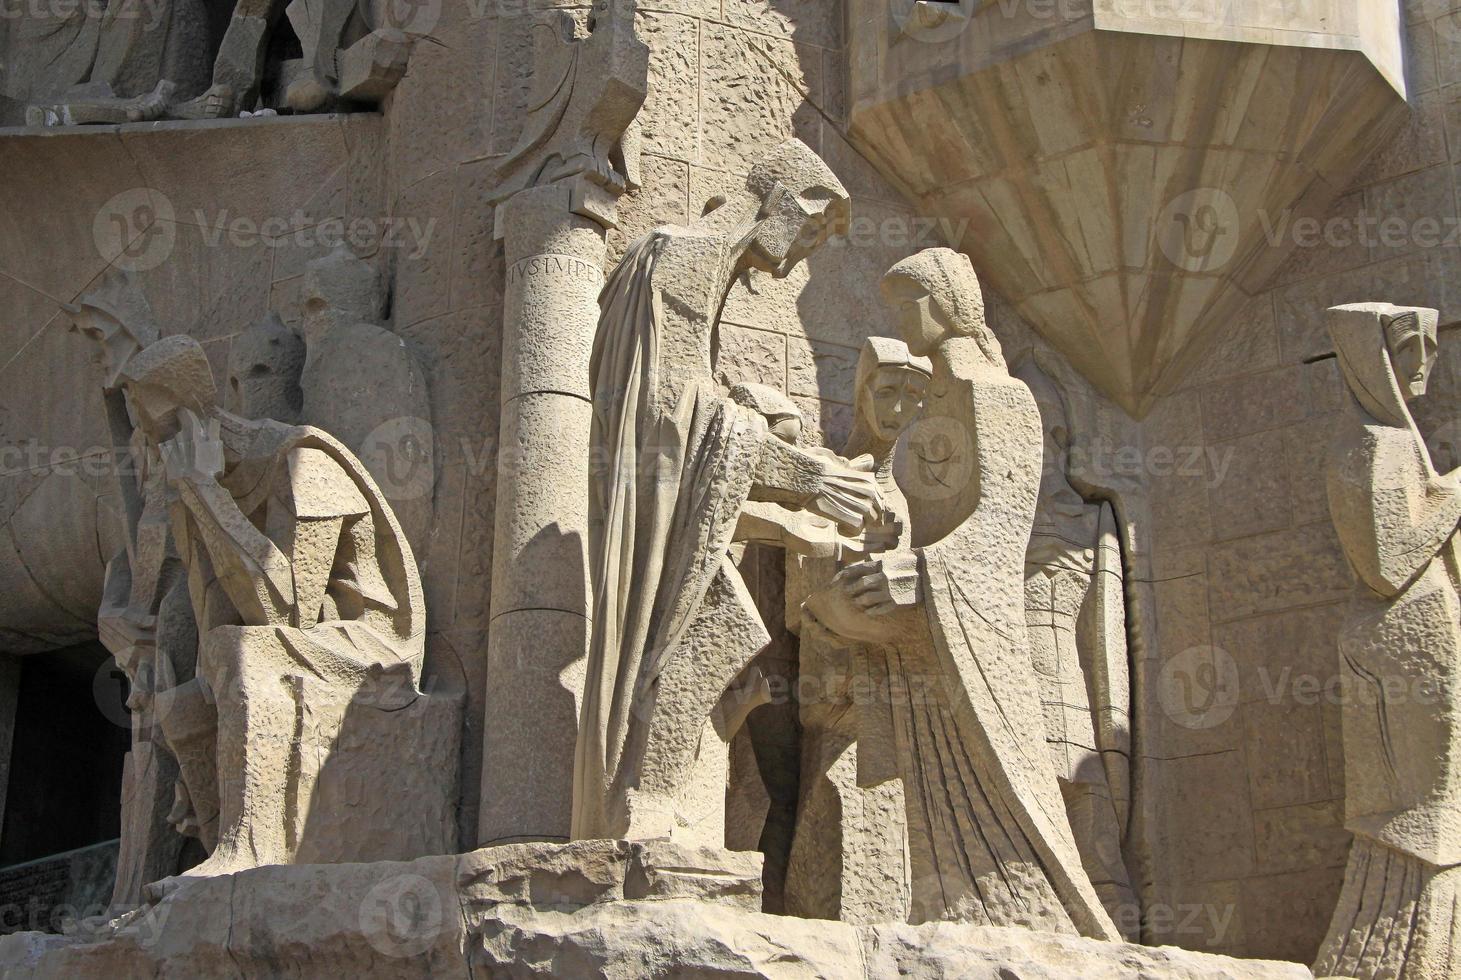 Passionsfassade des Sagrada Familia Tempels, Barcelona, Katalonien, Spanien foto